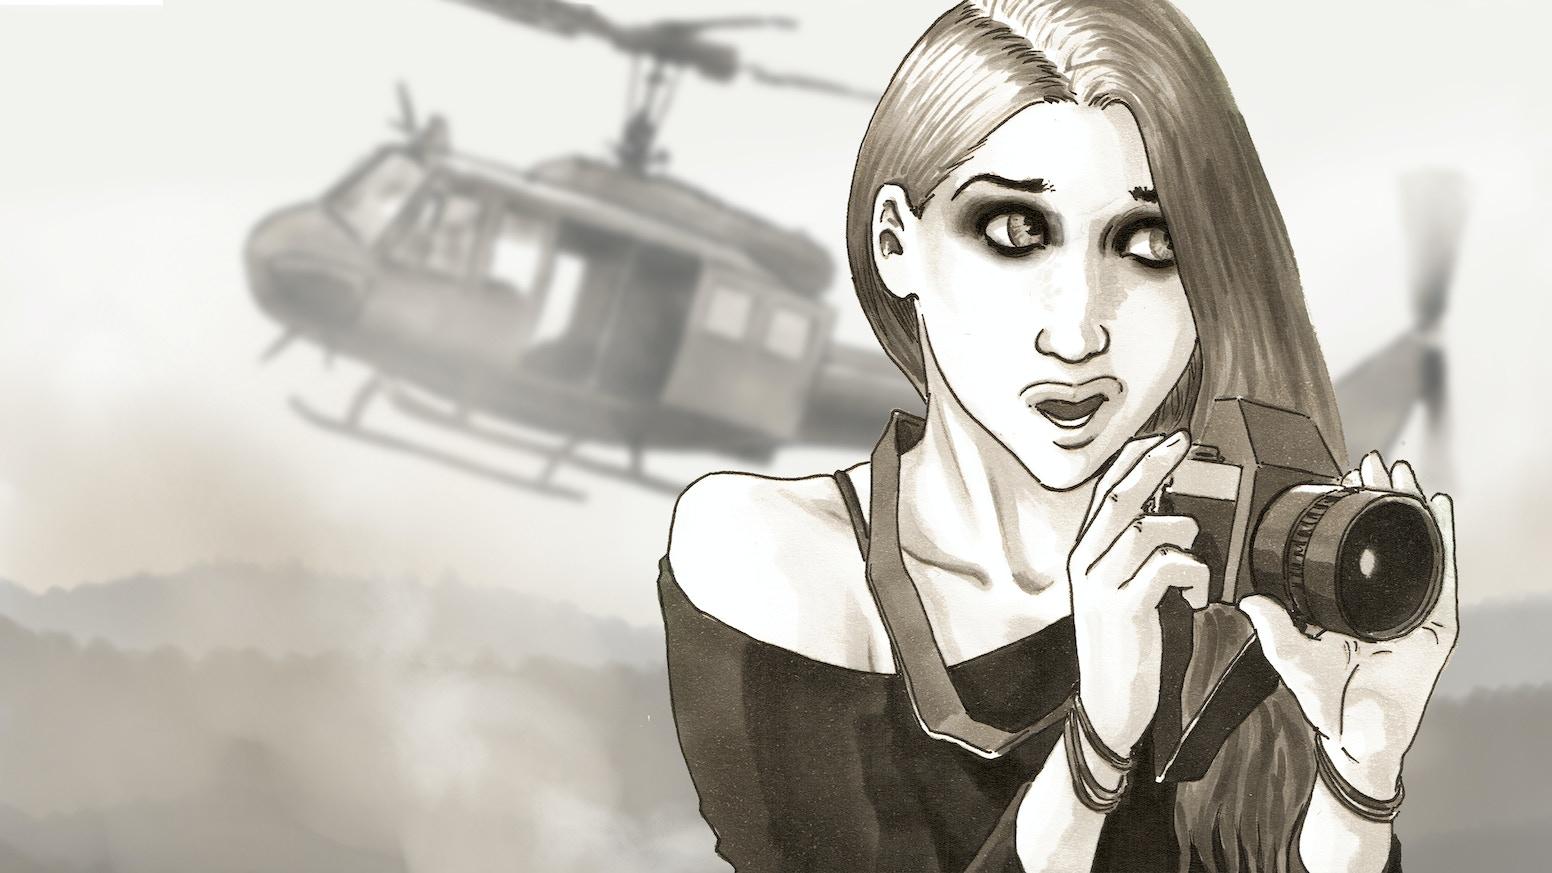 Die Ustica-Verschwörung ist ein Polit-Thriller rund um die Flugtag-Katastrophe von Ramstein im August 1988.